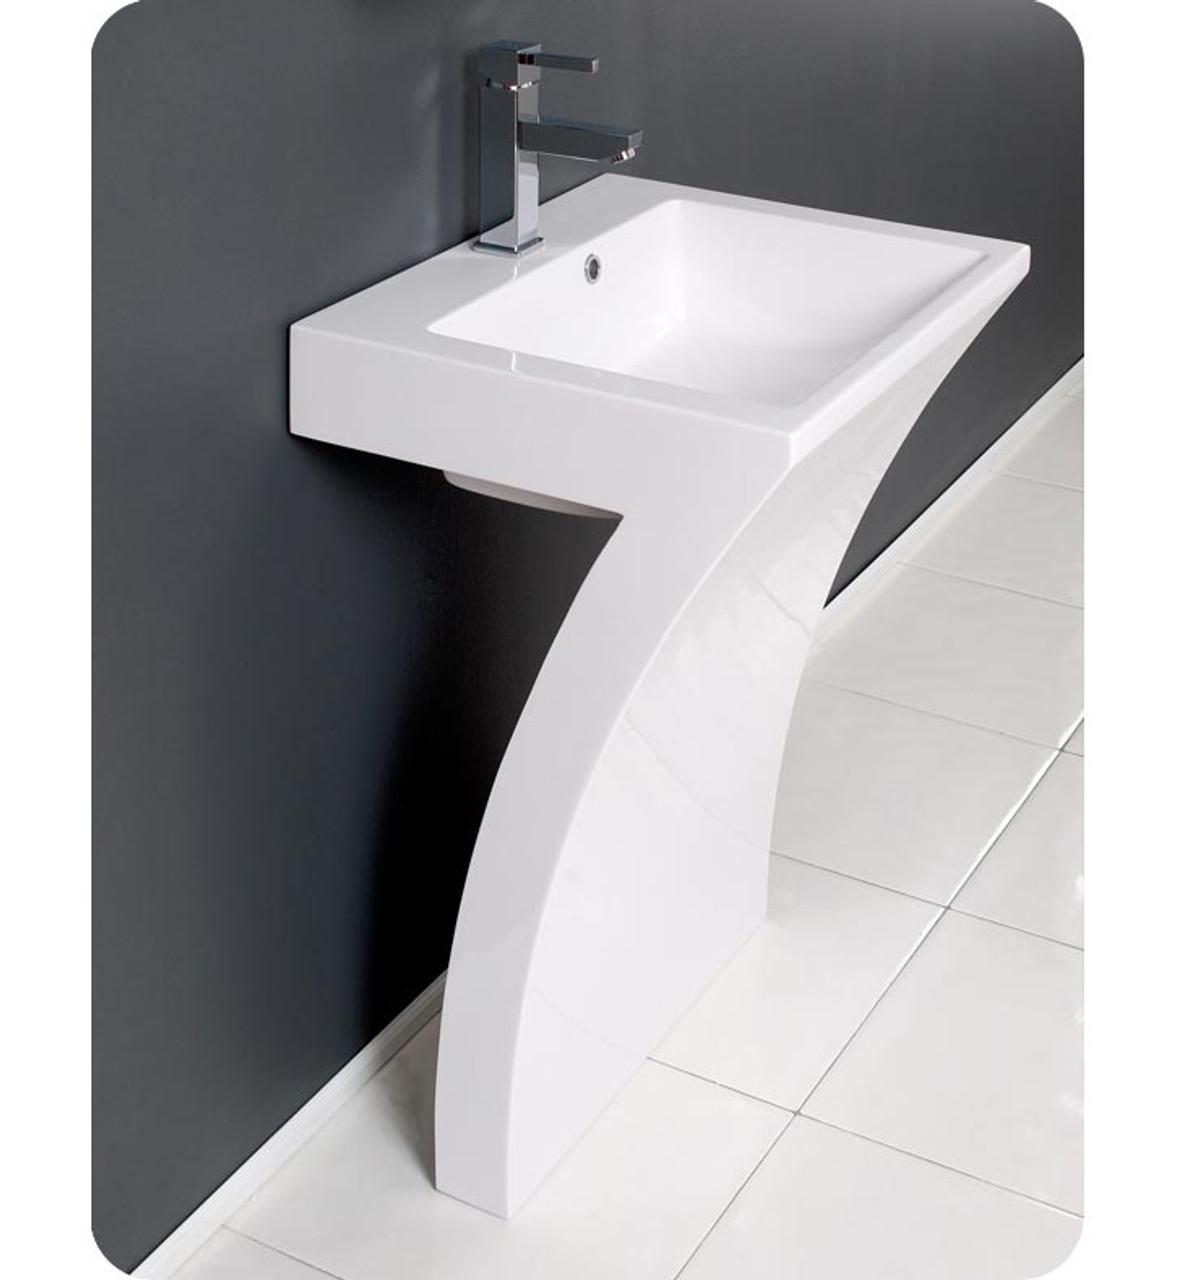 lv 777 lucky seven 22 1 2 wide pedestal bathroom sink vanities combo with faucet